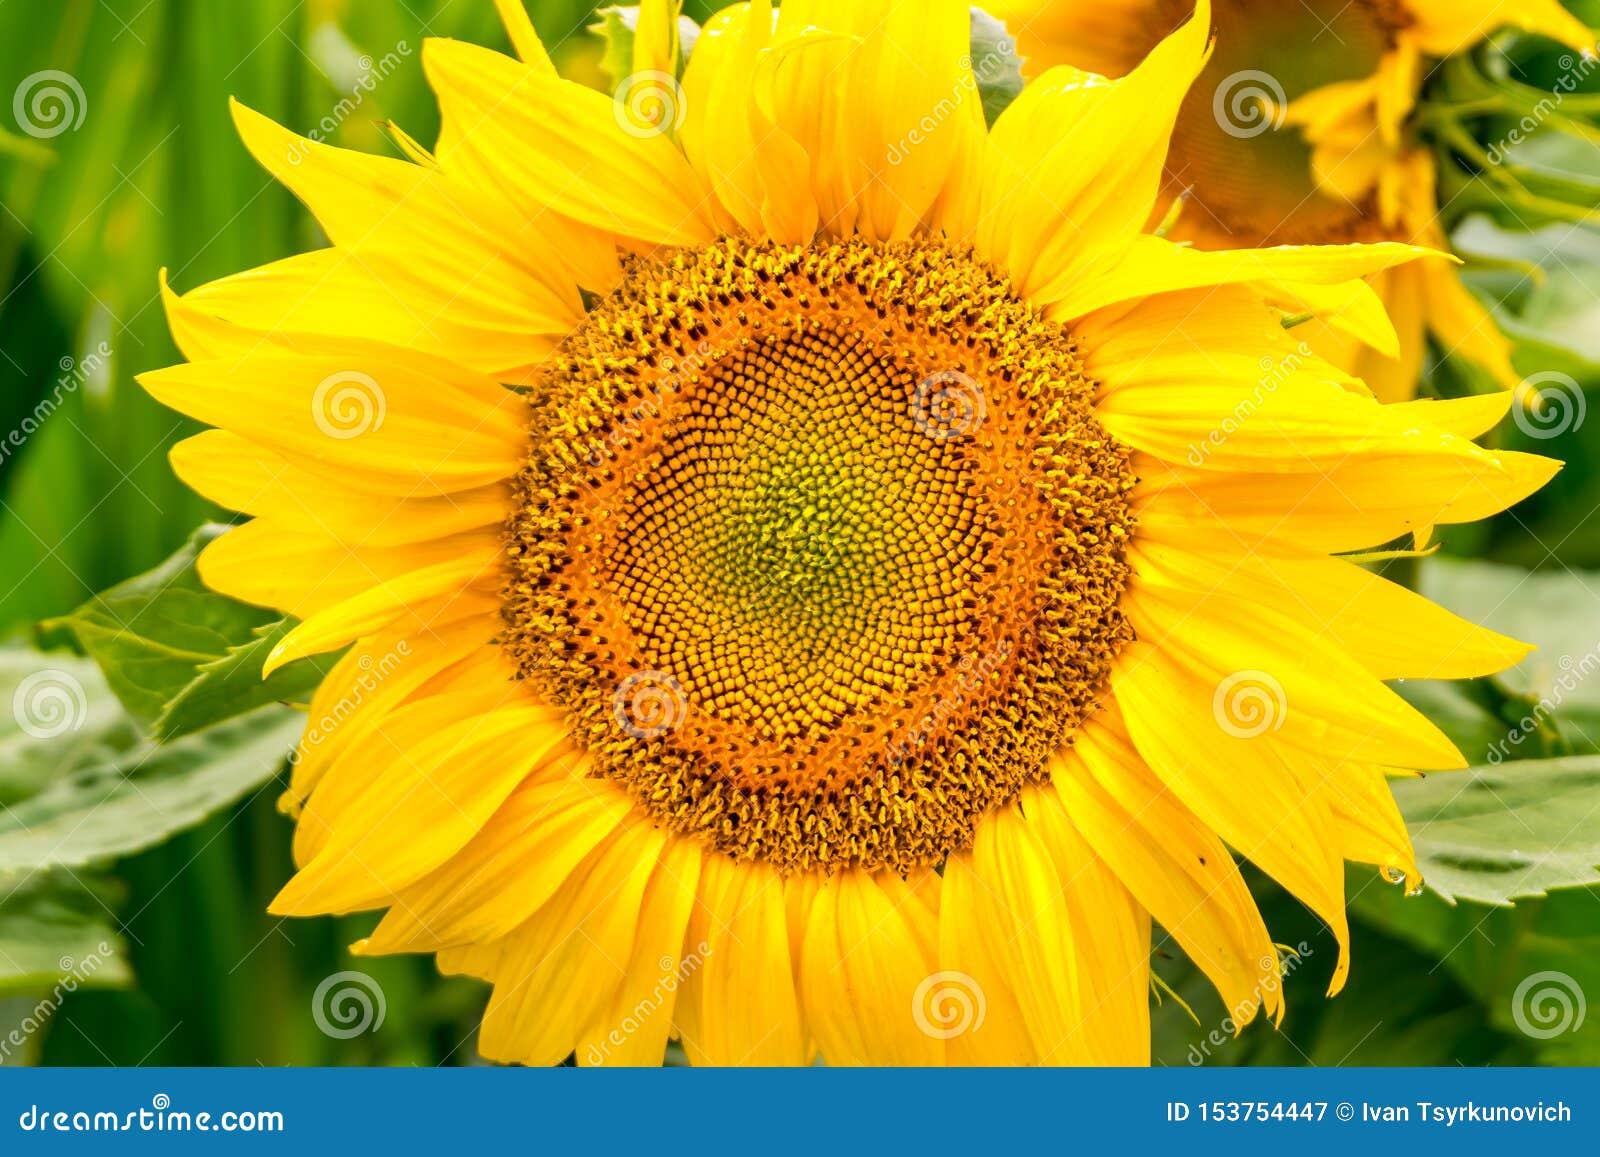 De heldere gele zonnebloemen in volledige bloei in tuin voor olie verbetert huidgezondheid en bevorderen celregeneratie